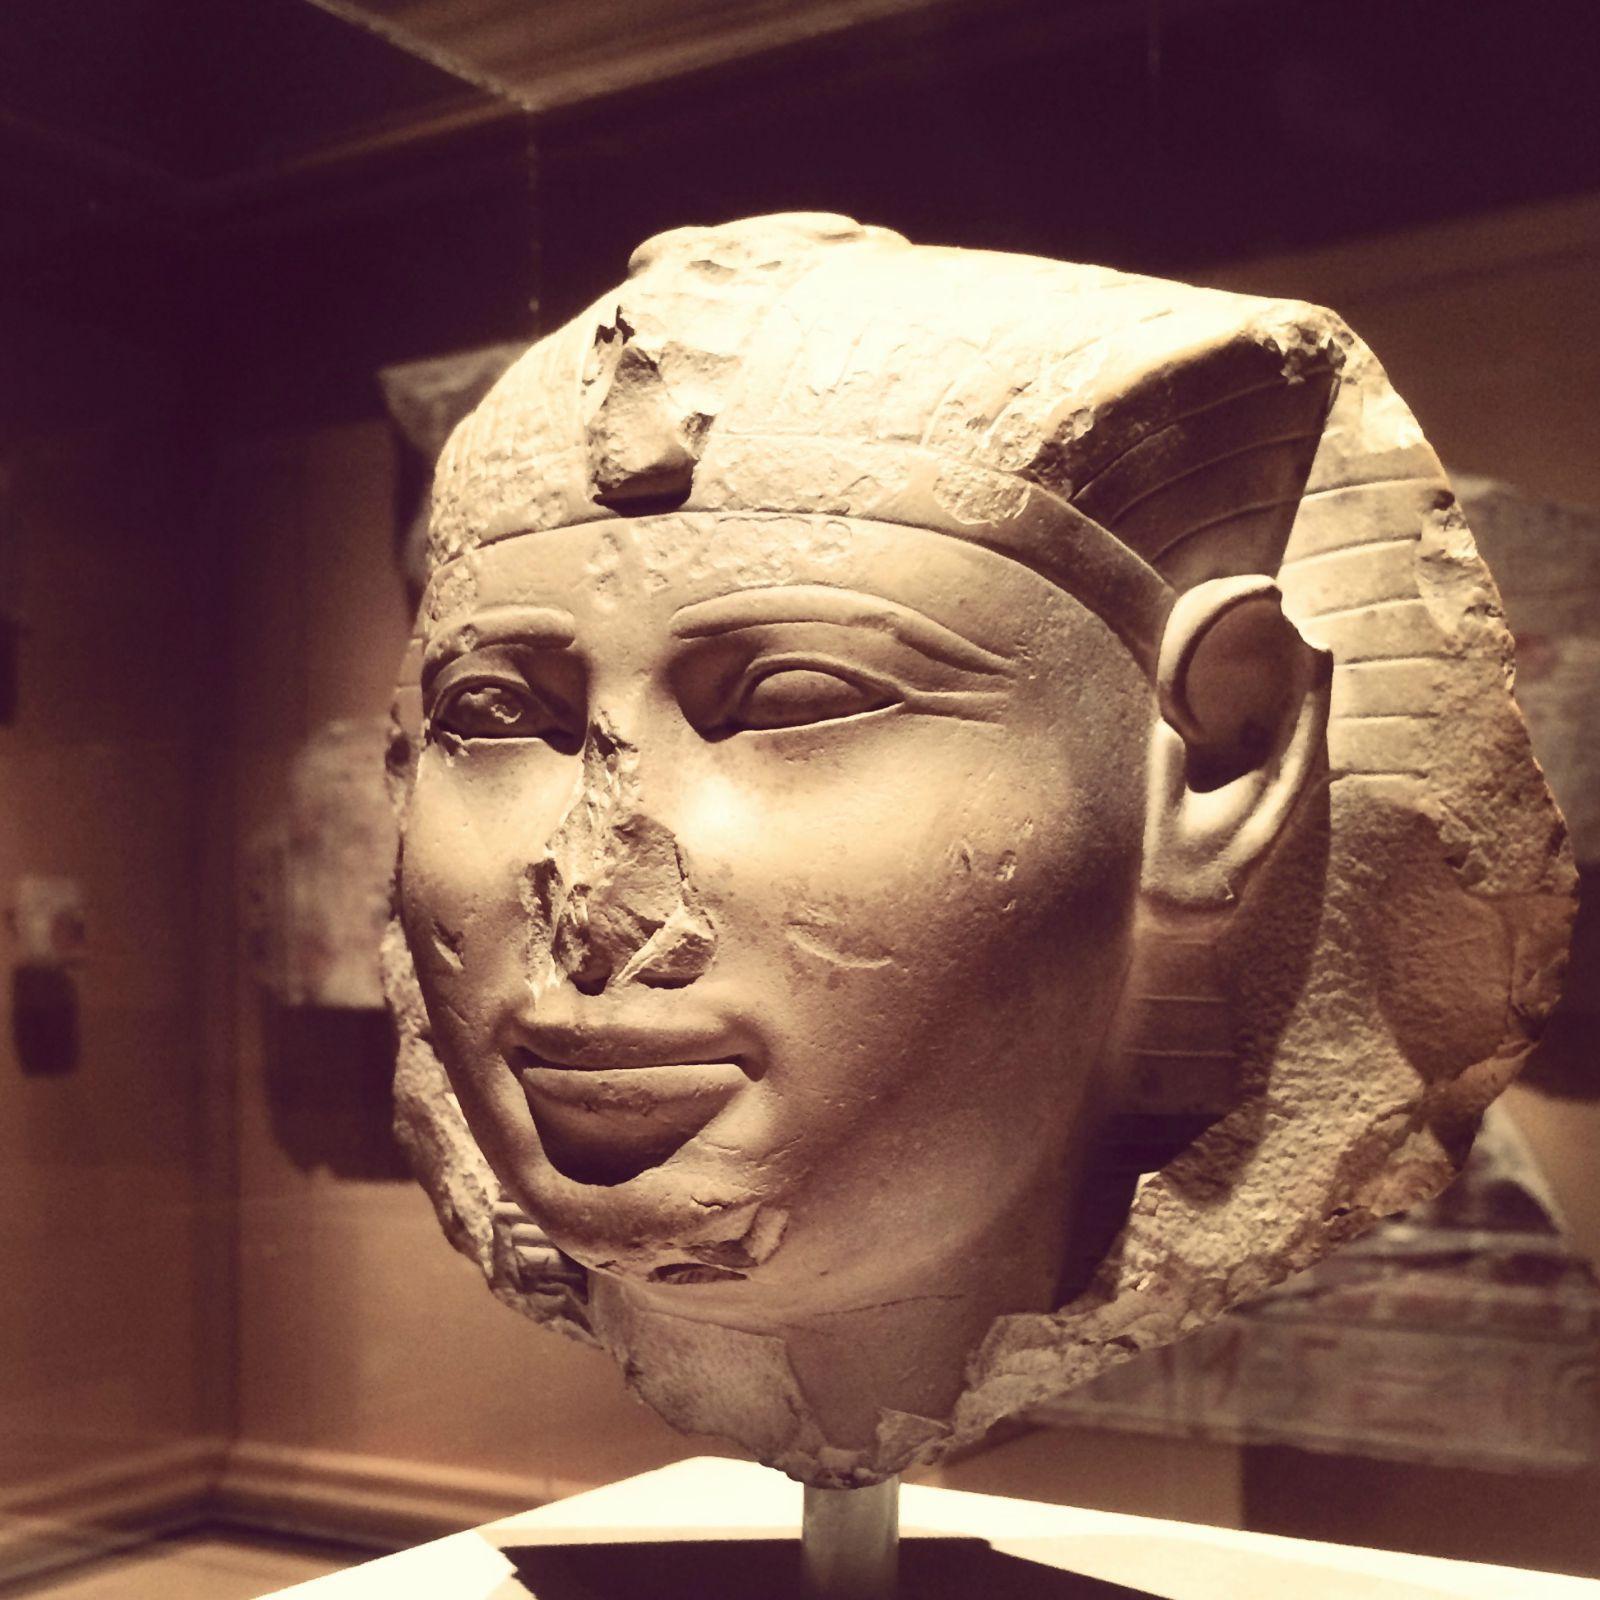 我一直很喜欢古埃及艺术里对于眼睛的刻画,不管是壁画还是棺木,精细